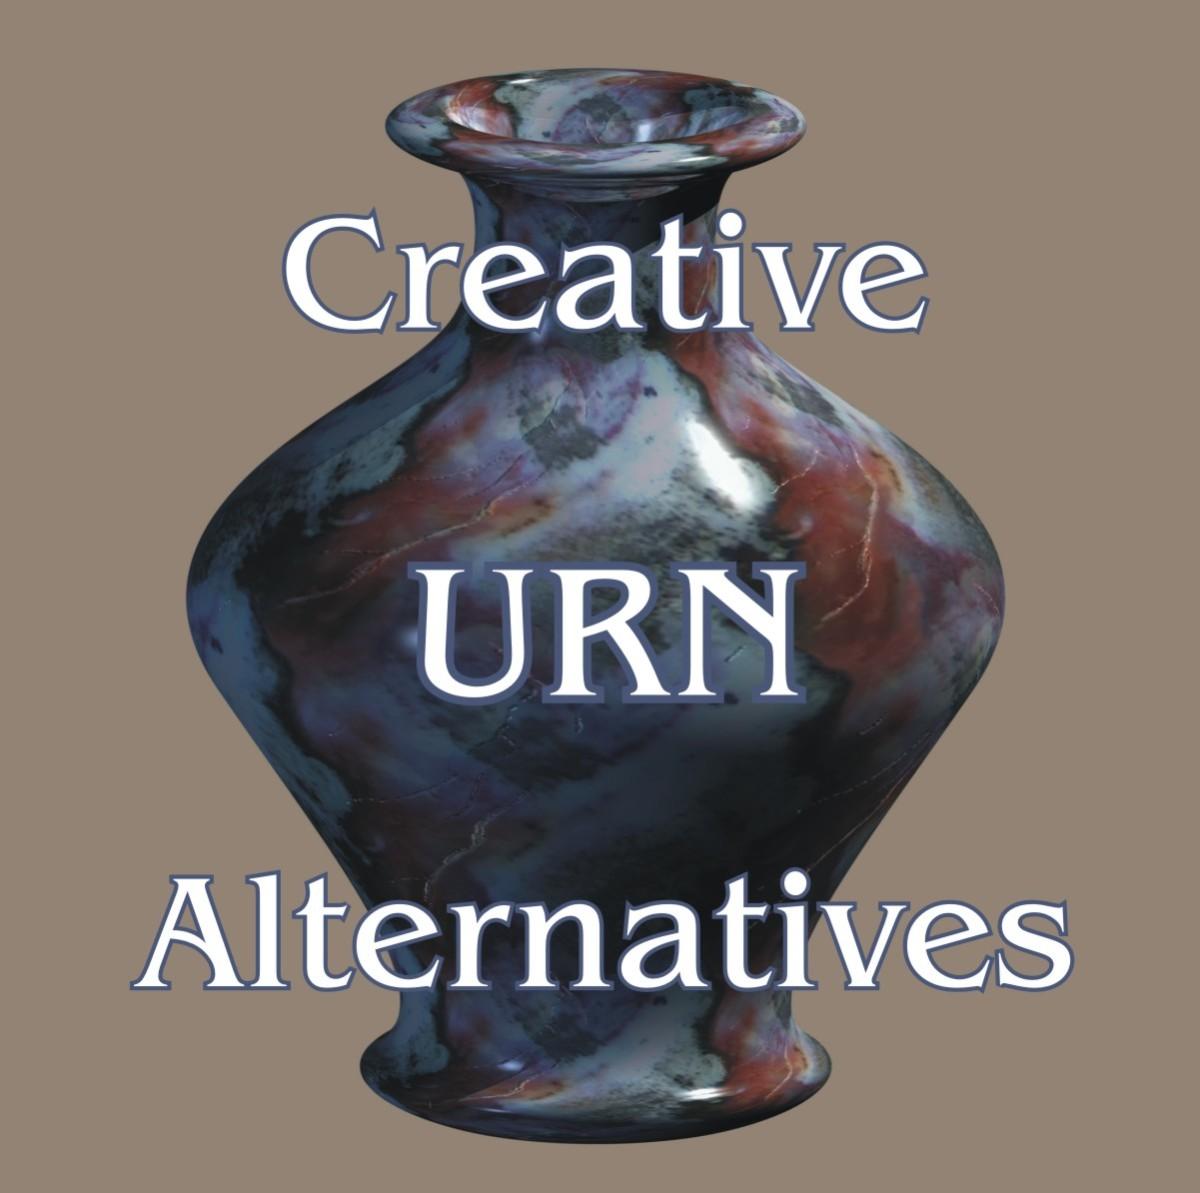 Cremation: One Man's Urn Alternatives